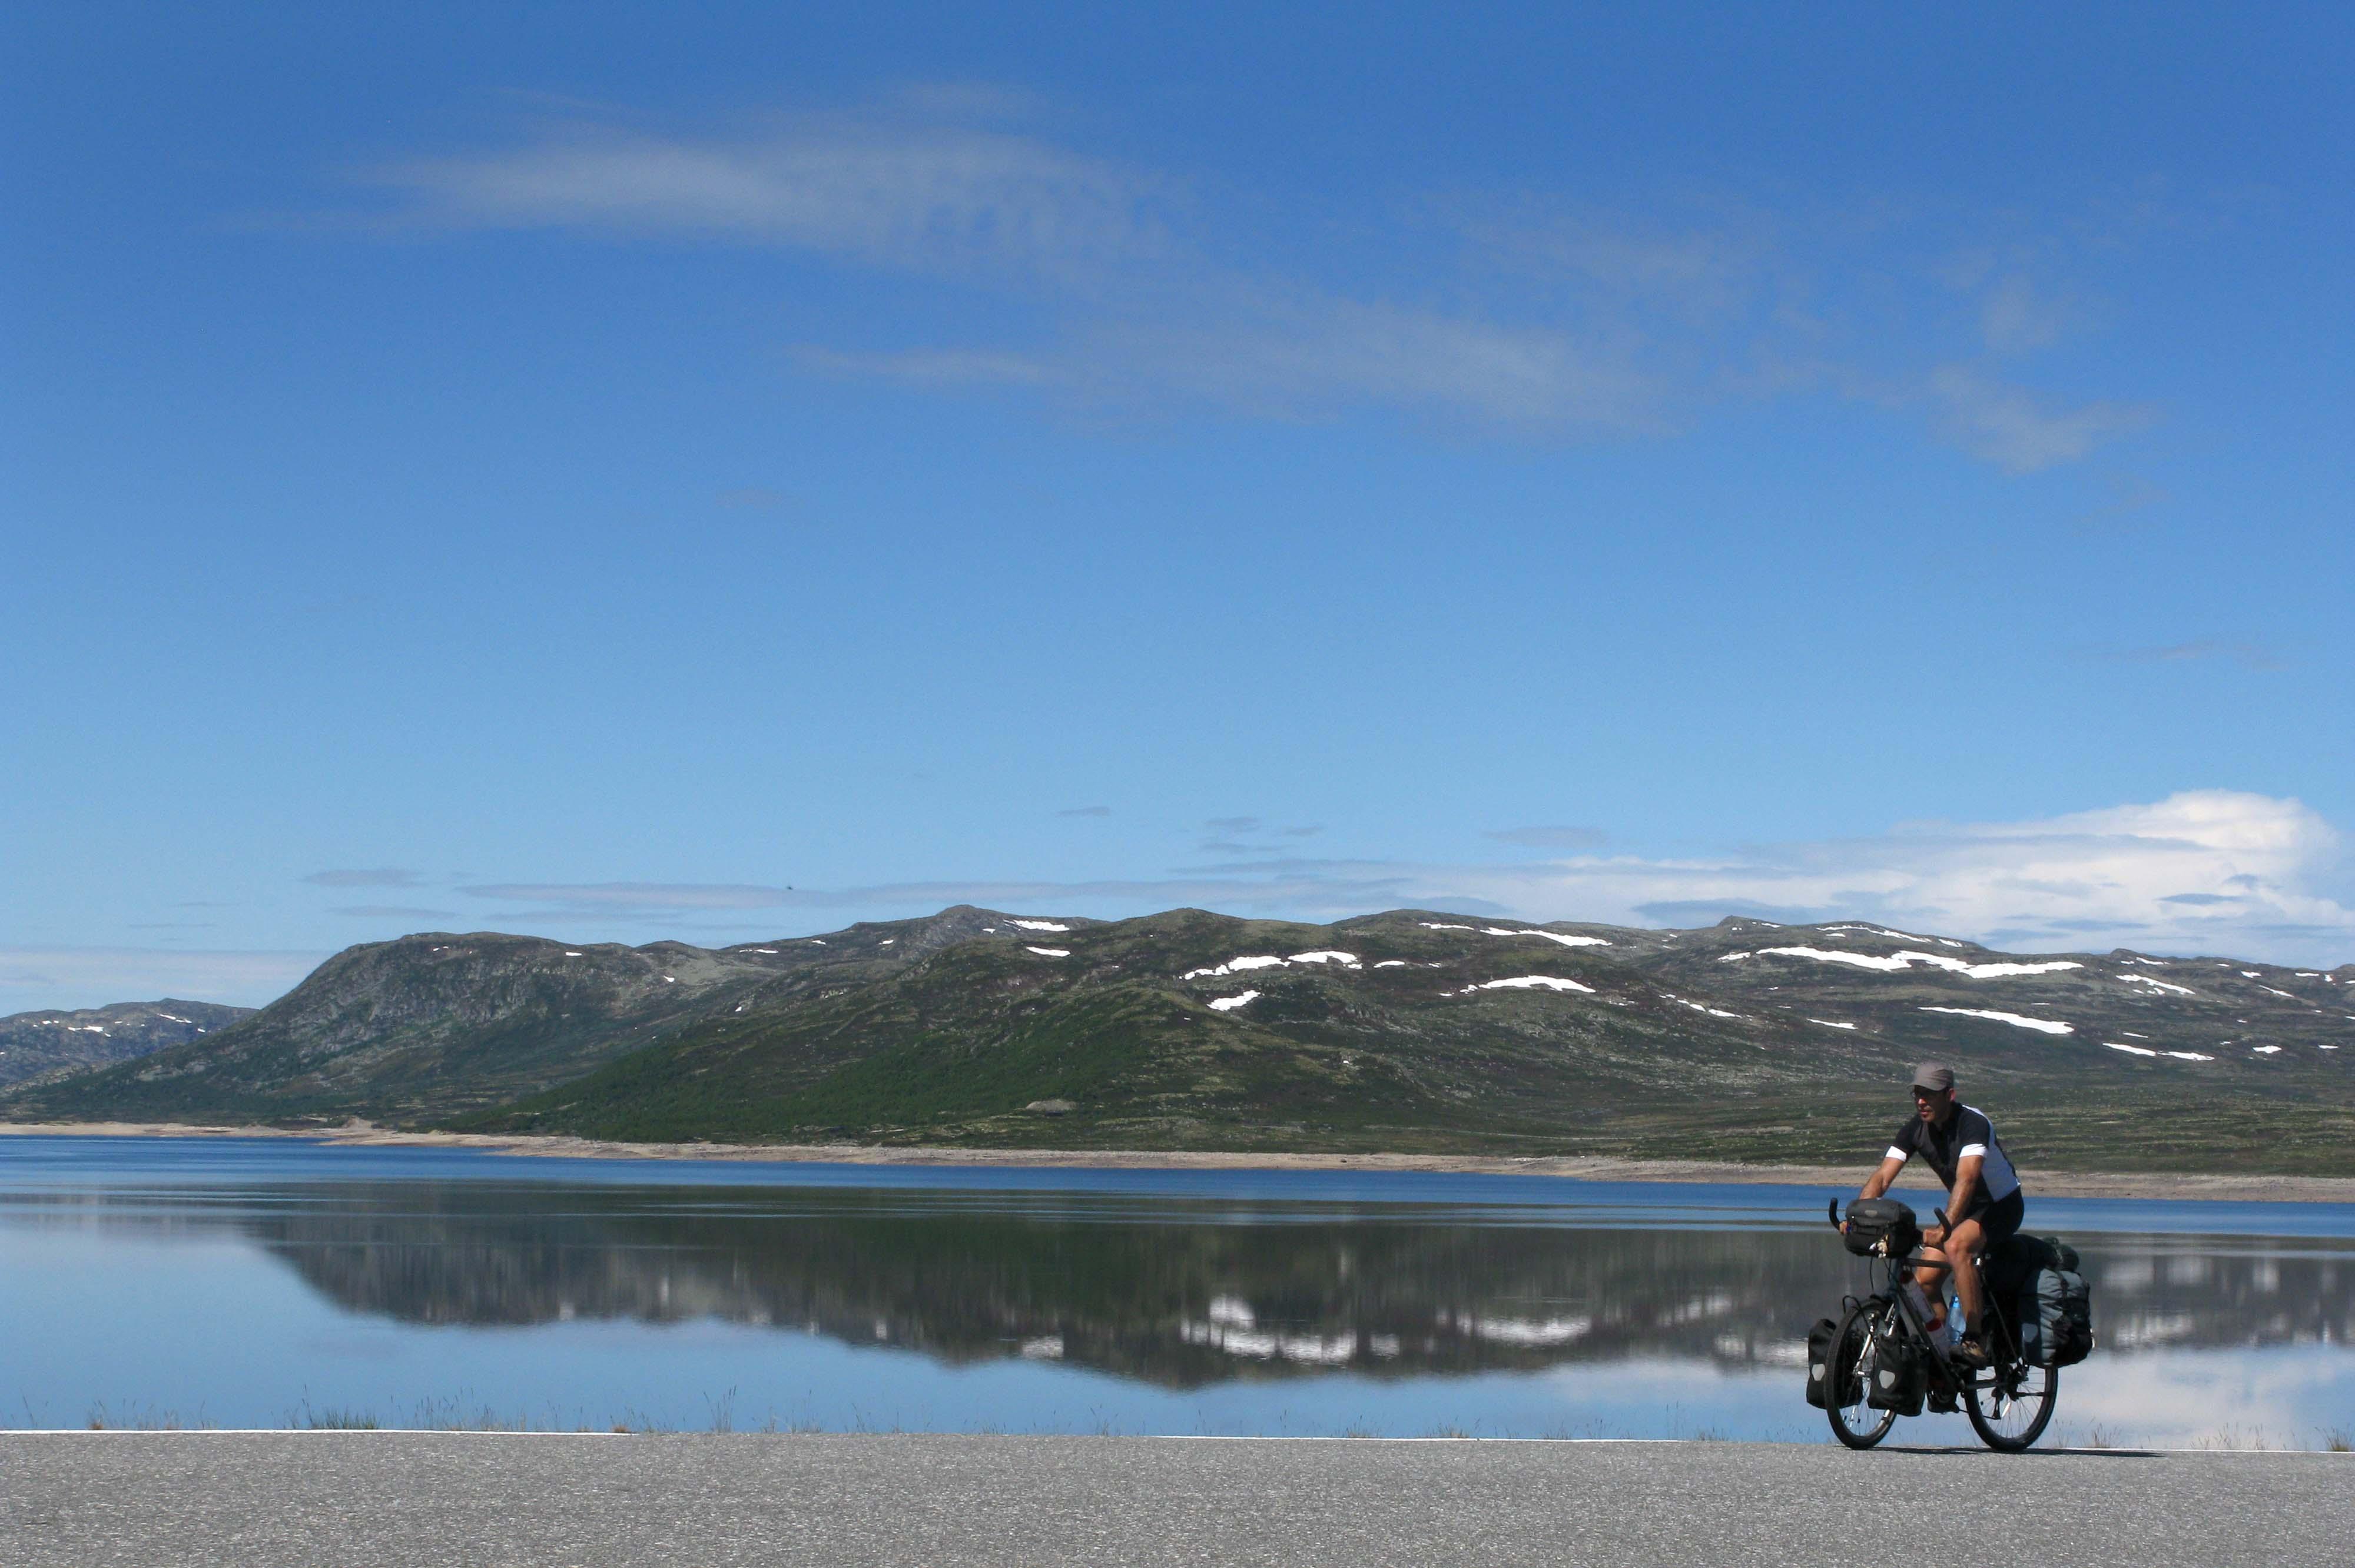 norwegen-maurizio-vor-bergsee